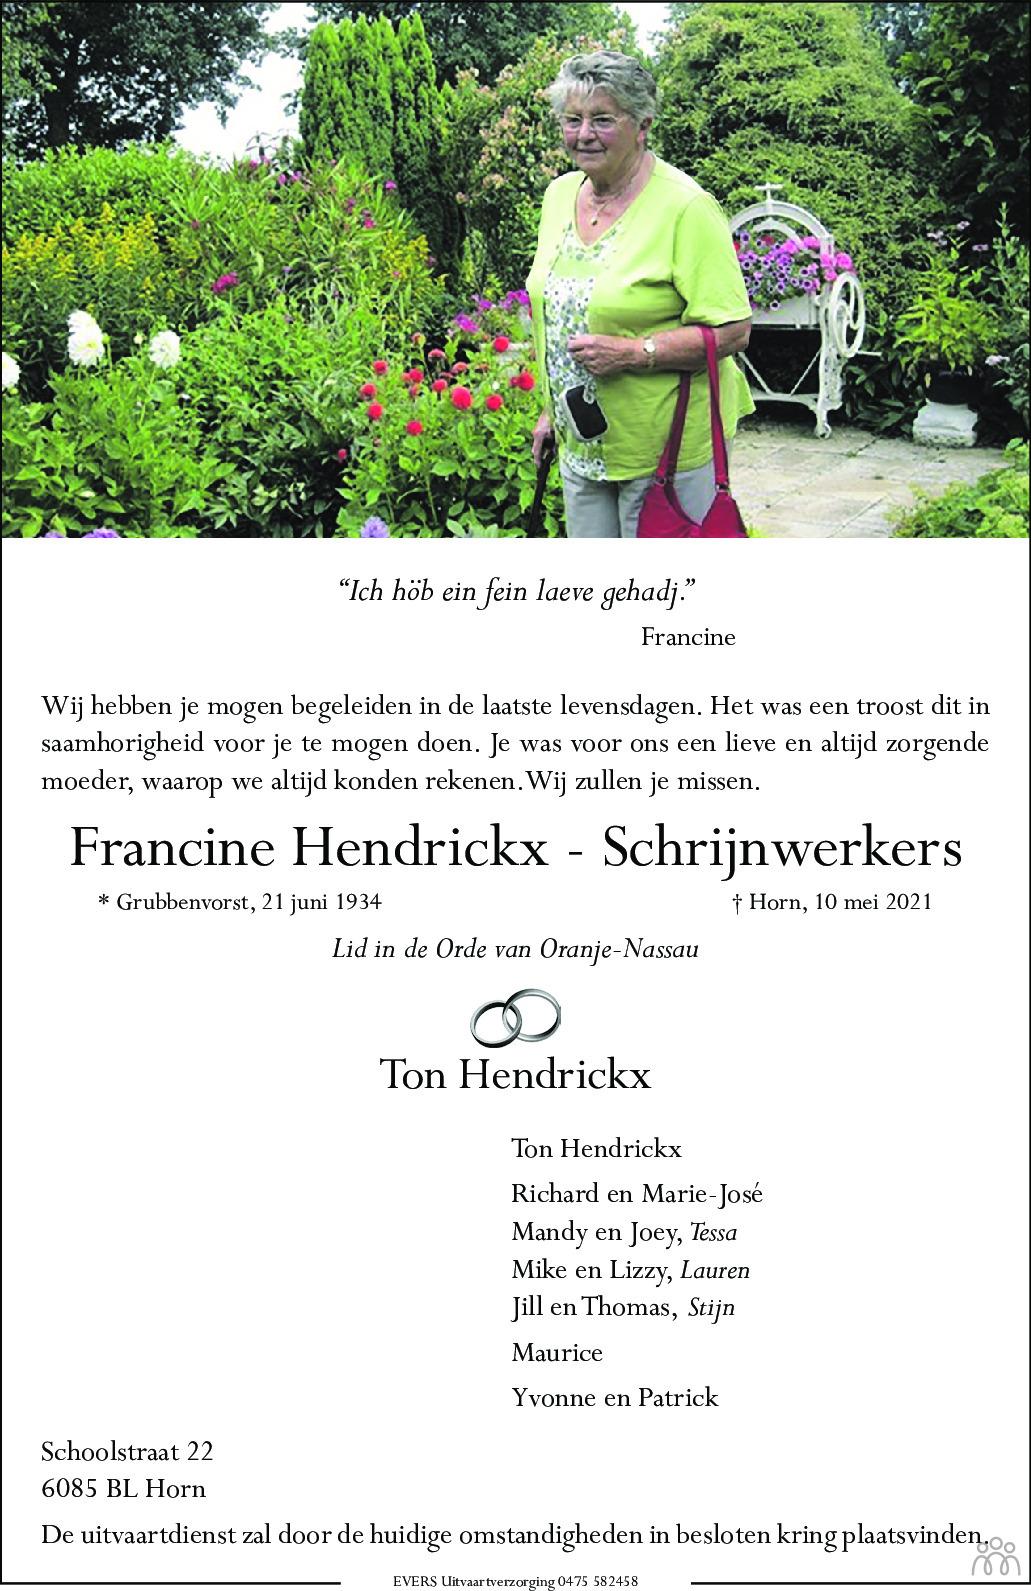 Overlijdensbericht van Francine Hendrickx-Schrijnwerkers in De Limburger